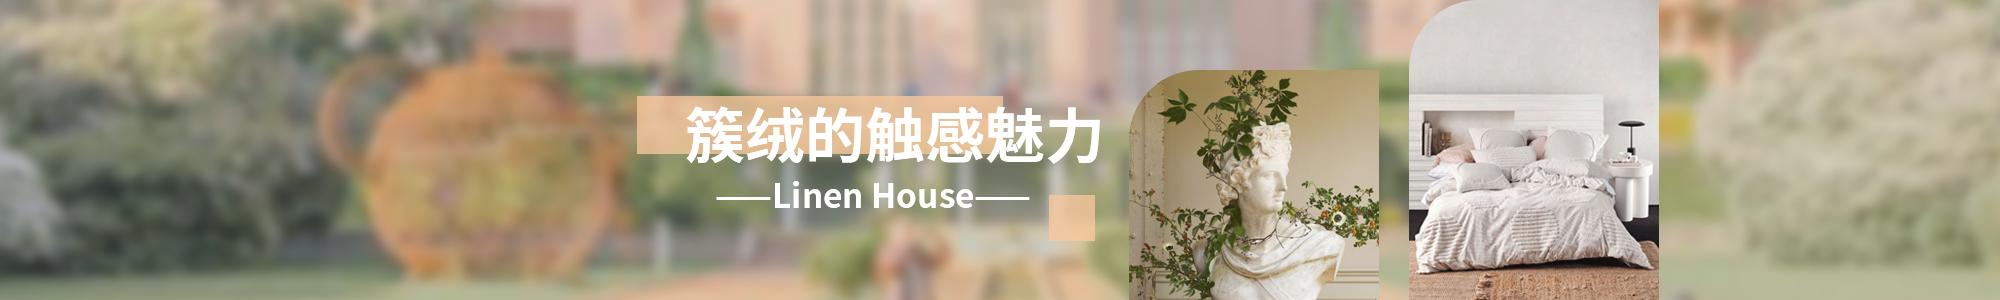 簇绒的触感魅力Linen House